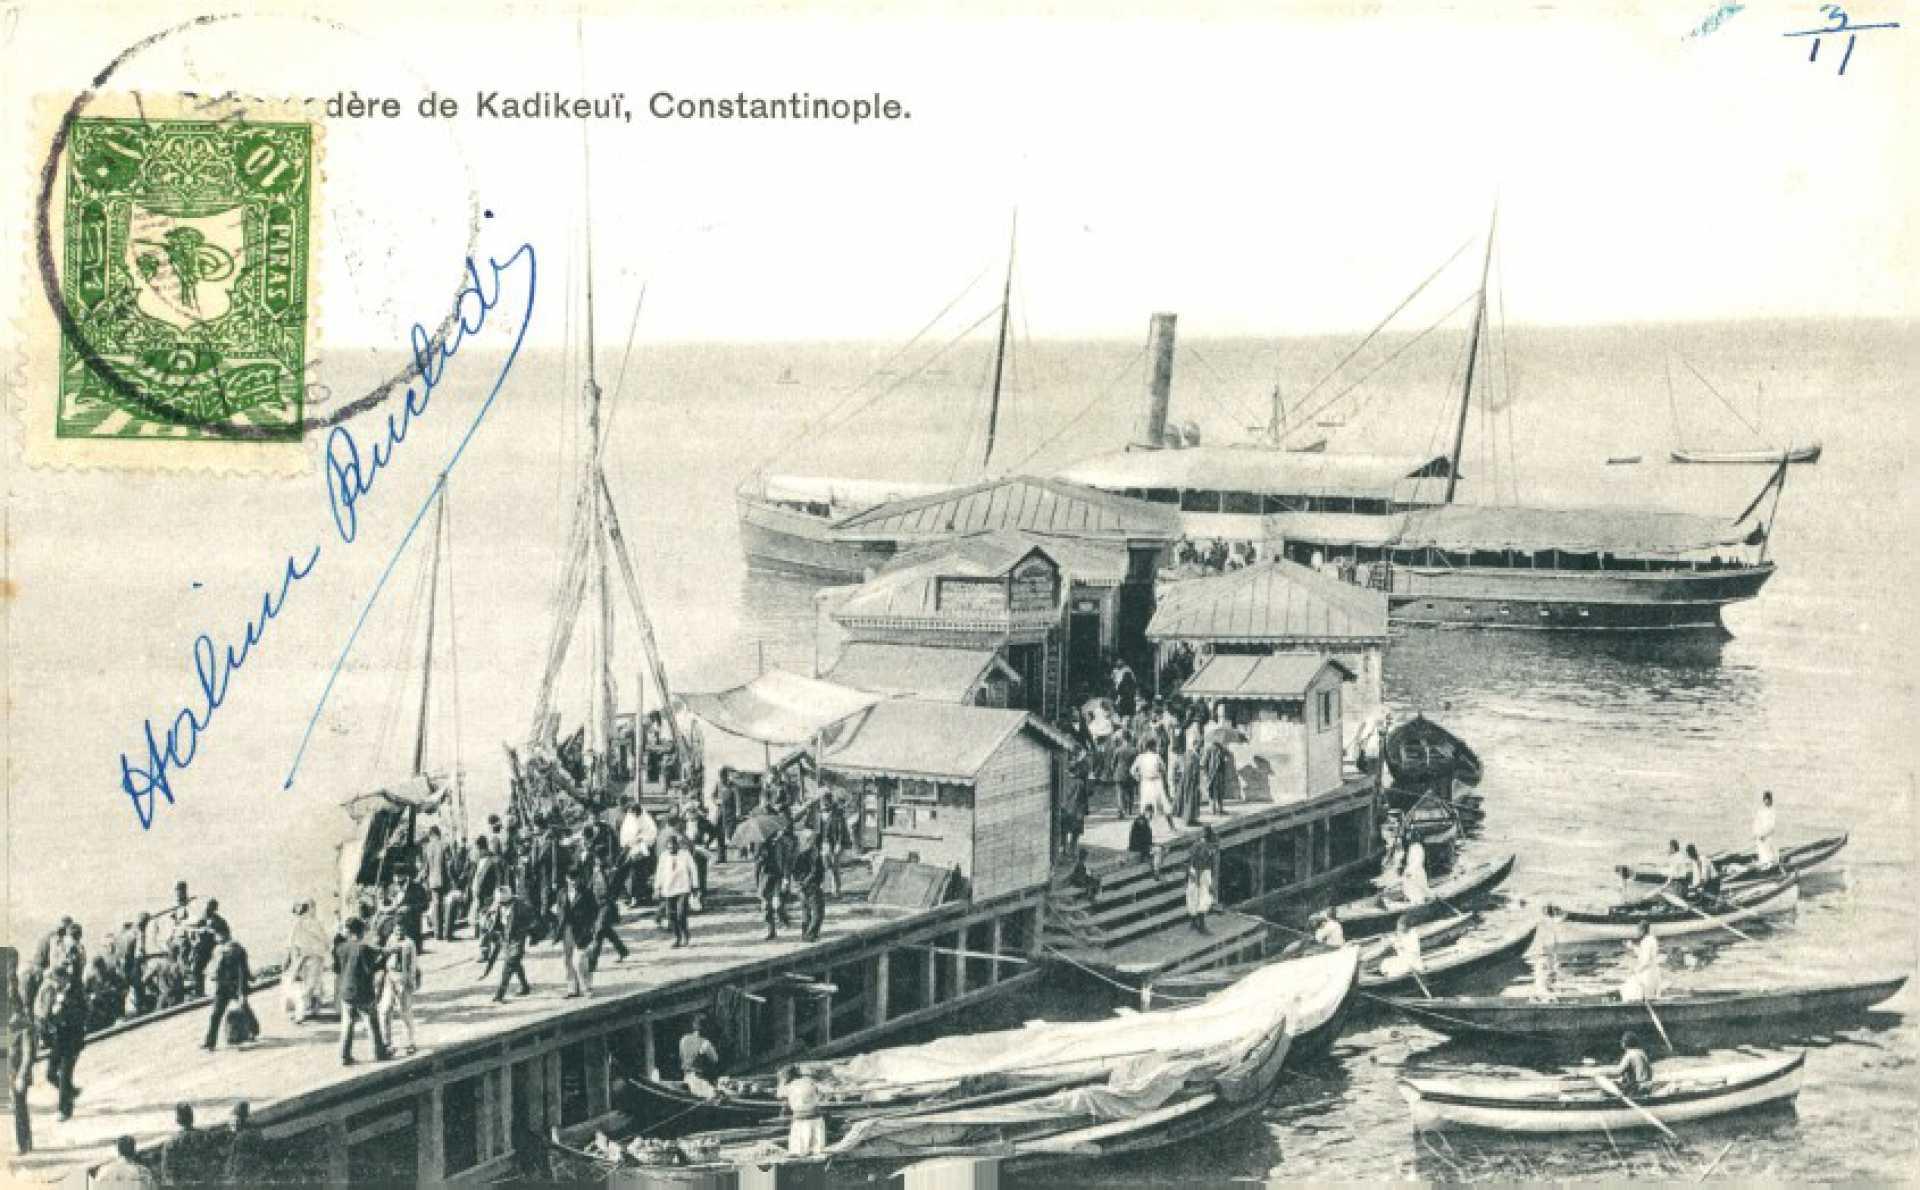 Kadikeuy. Constantinople